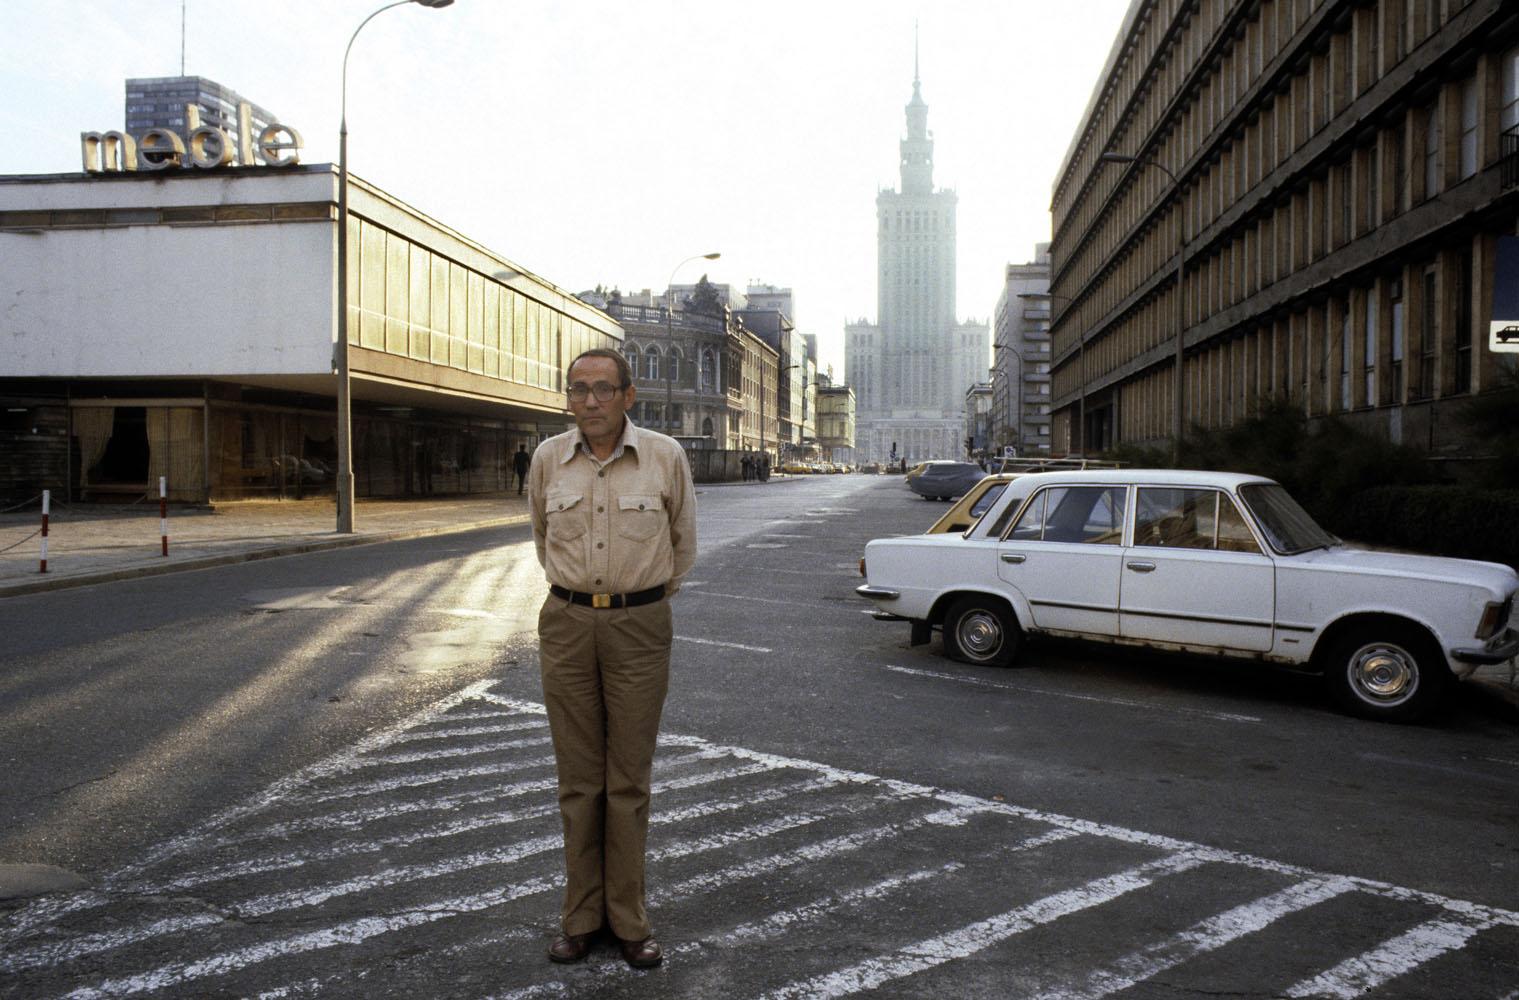 Tadeusz Konwicki, lata 80., Warszawa, fot. Chris Niedenthal / Forum